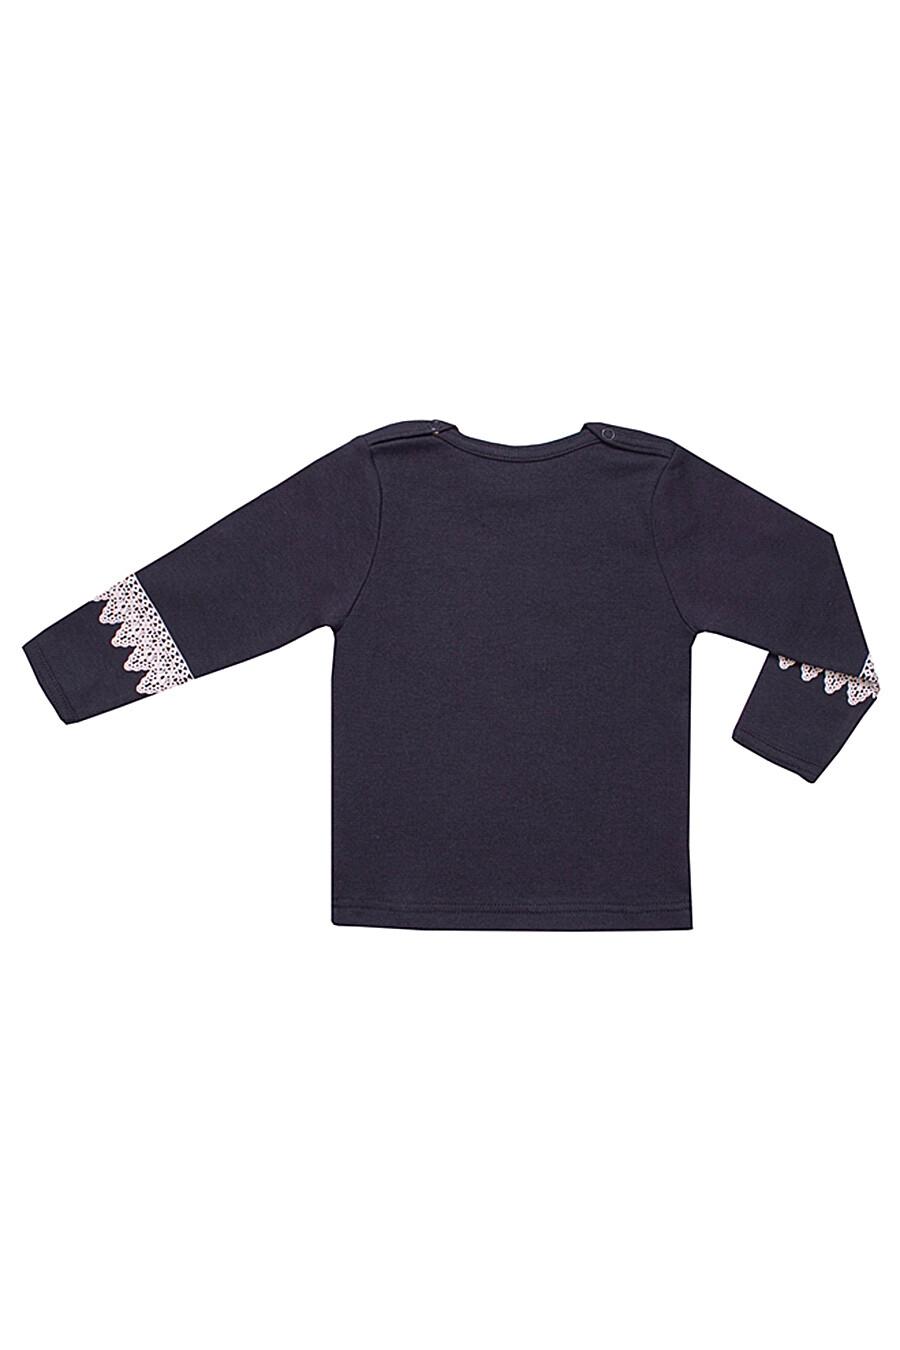 Джемпер для девочек АПРЕЛЬ 699947 купить оптом от производителя. Совместная покупка детской одежды в OptMoyo